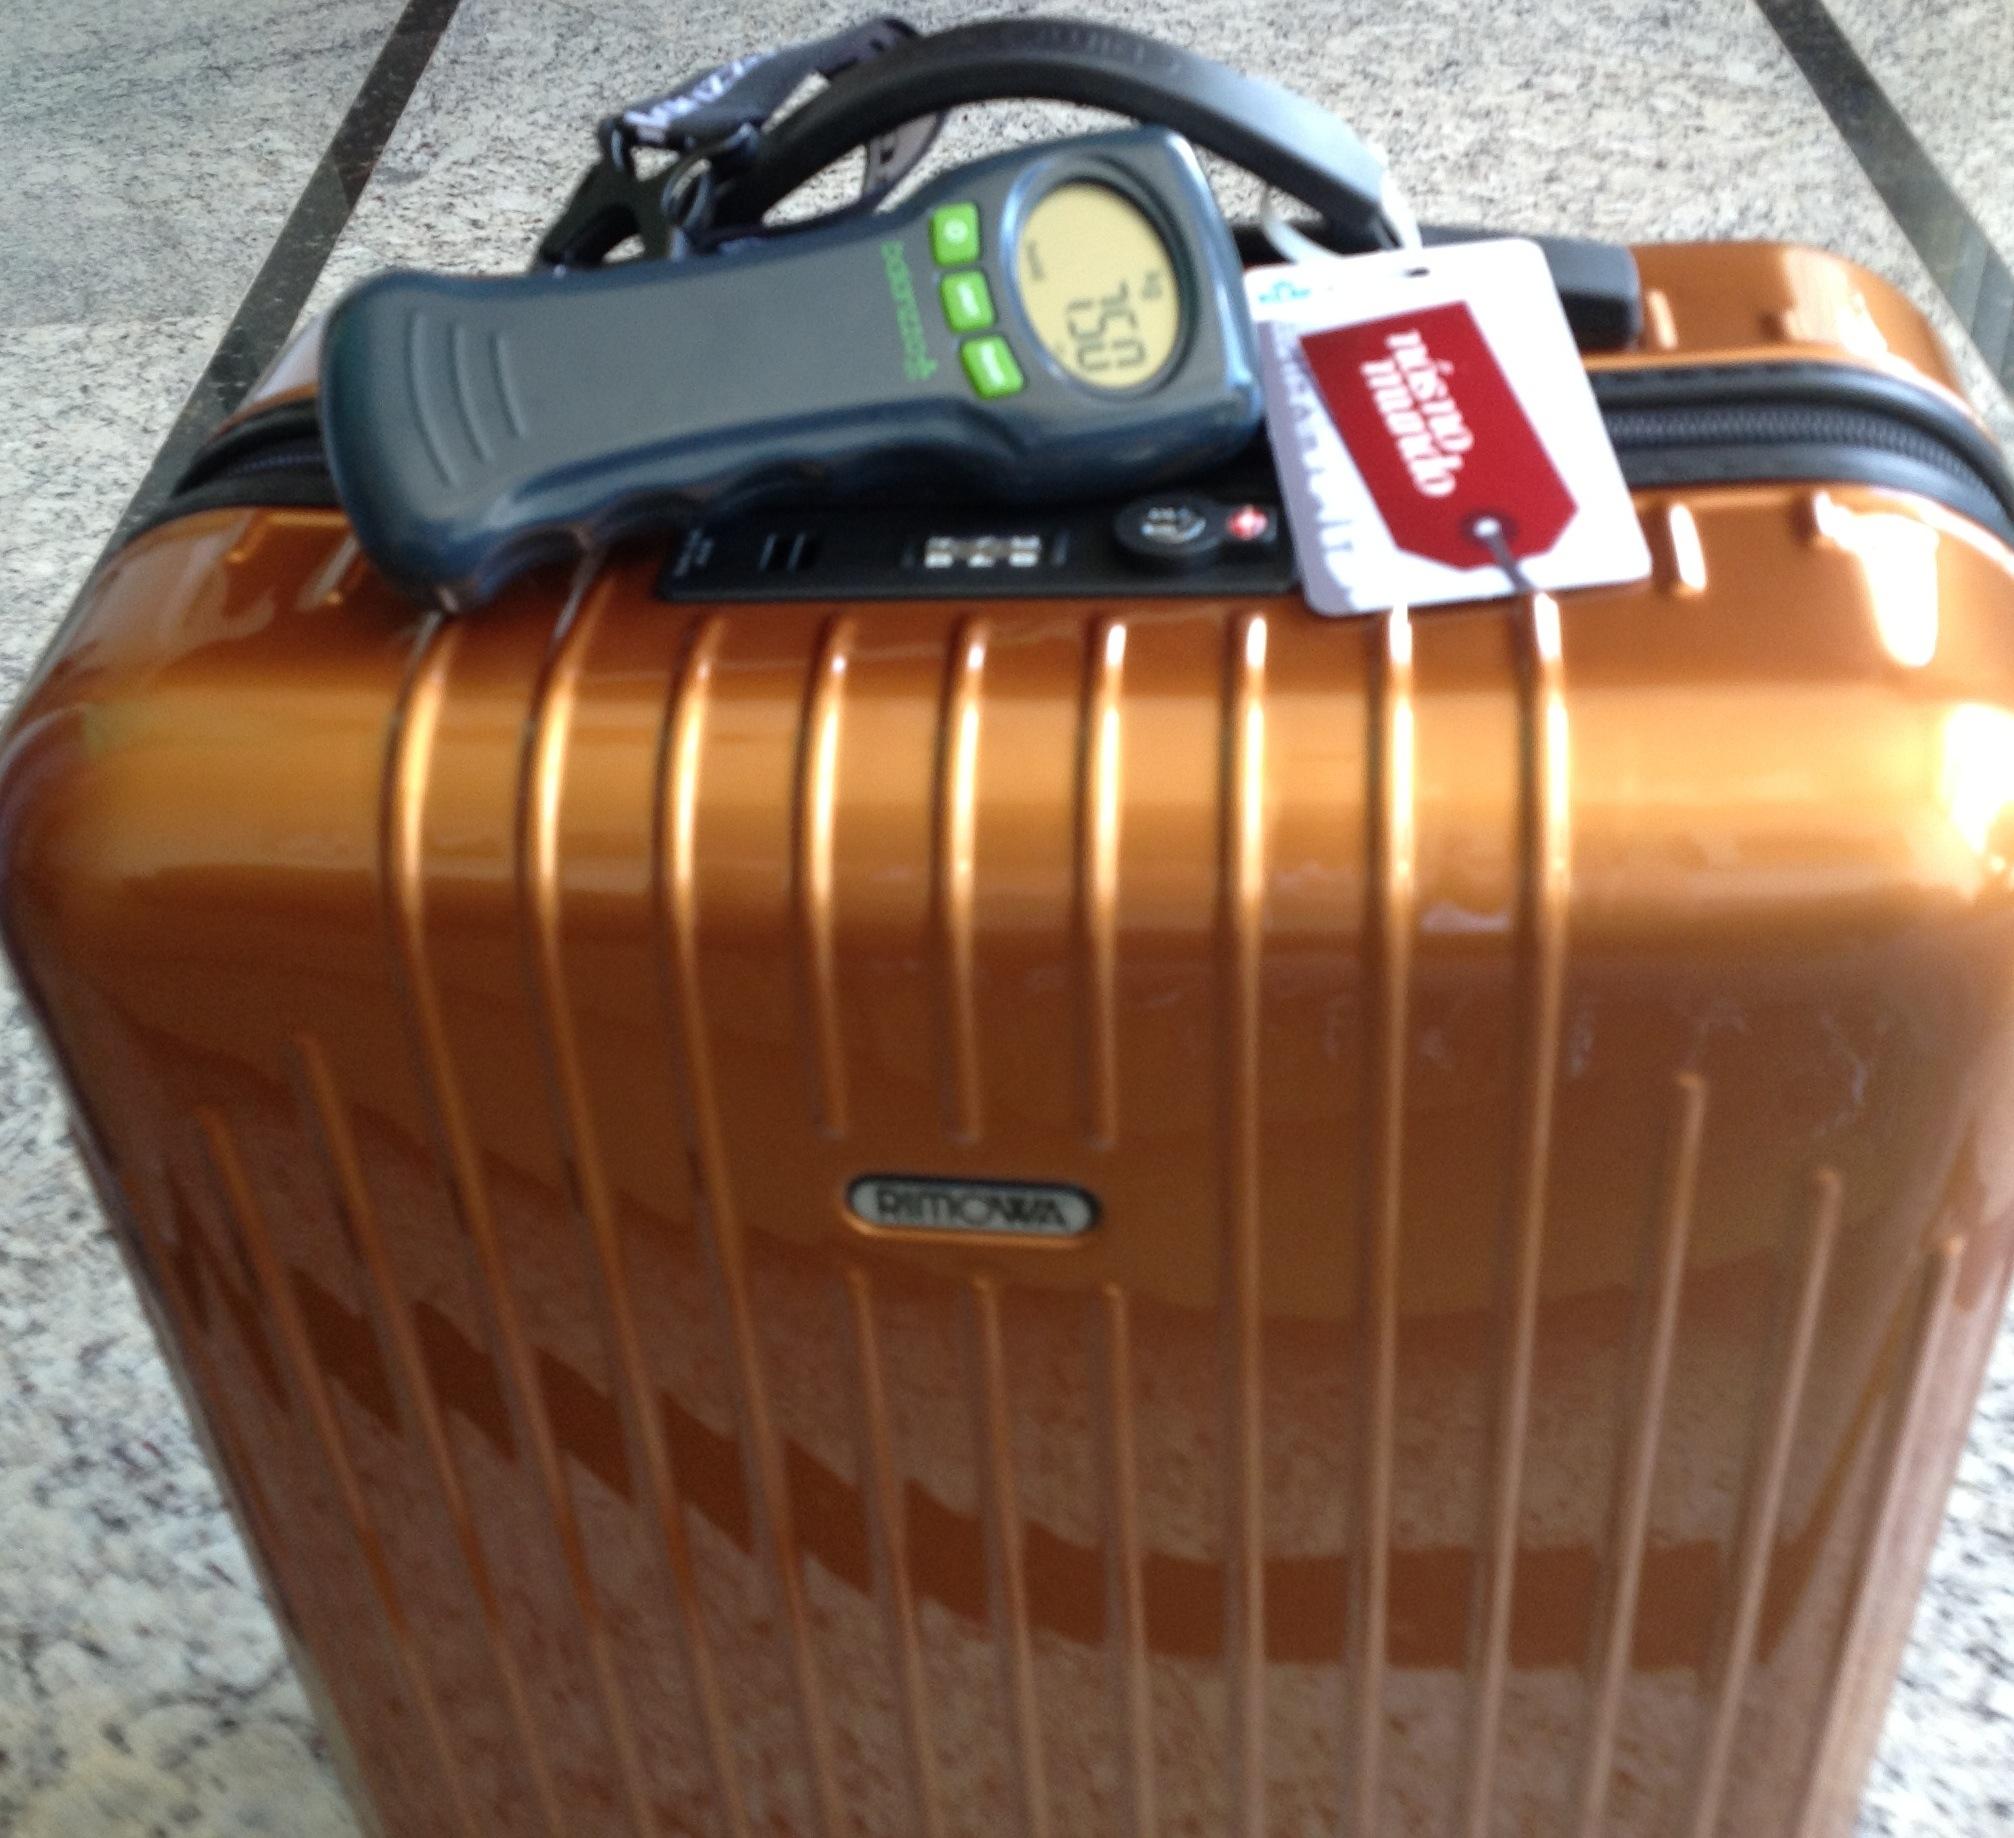 f4c57cc32 Viajando leve: 10 dicas para viajar só com bagagem de mão (ou pelo ...